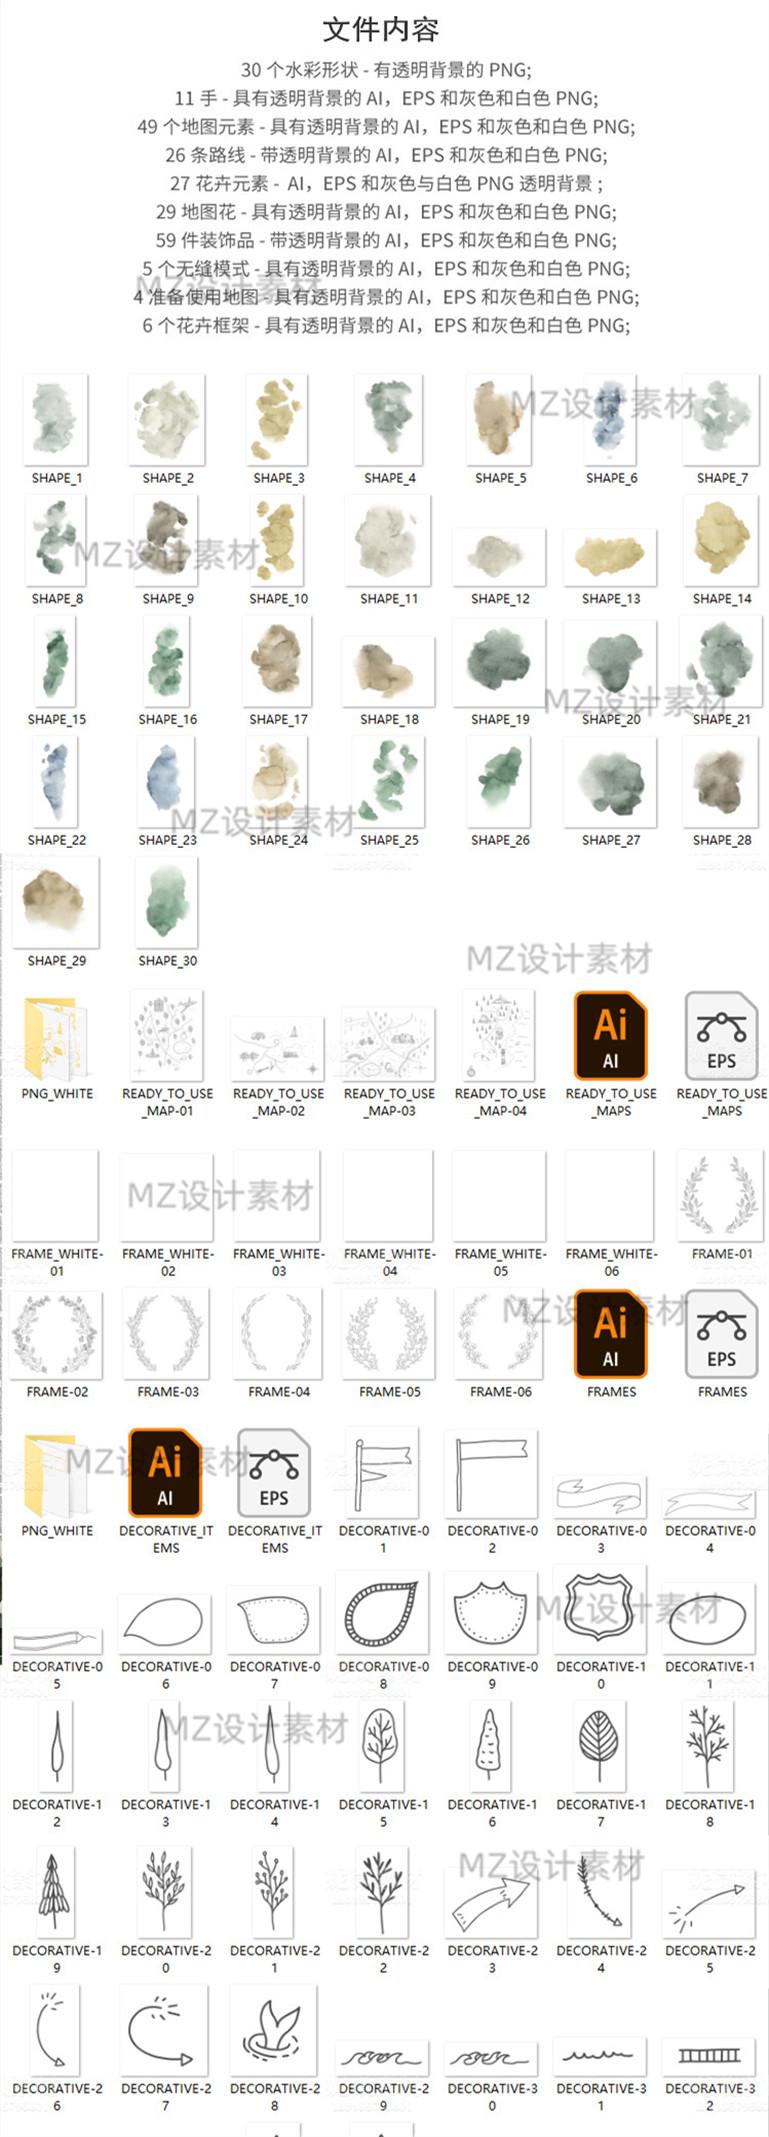 手绘线稿ins风植物动物建筑物花环婚礼地图矢量插画PNG图ps素材 素材包-第4张